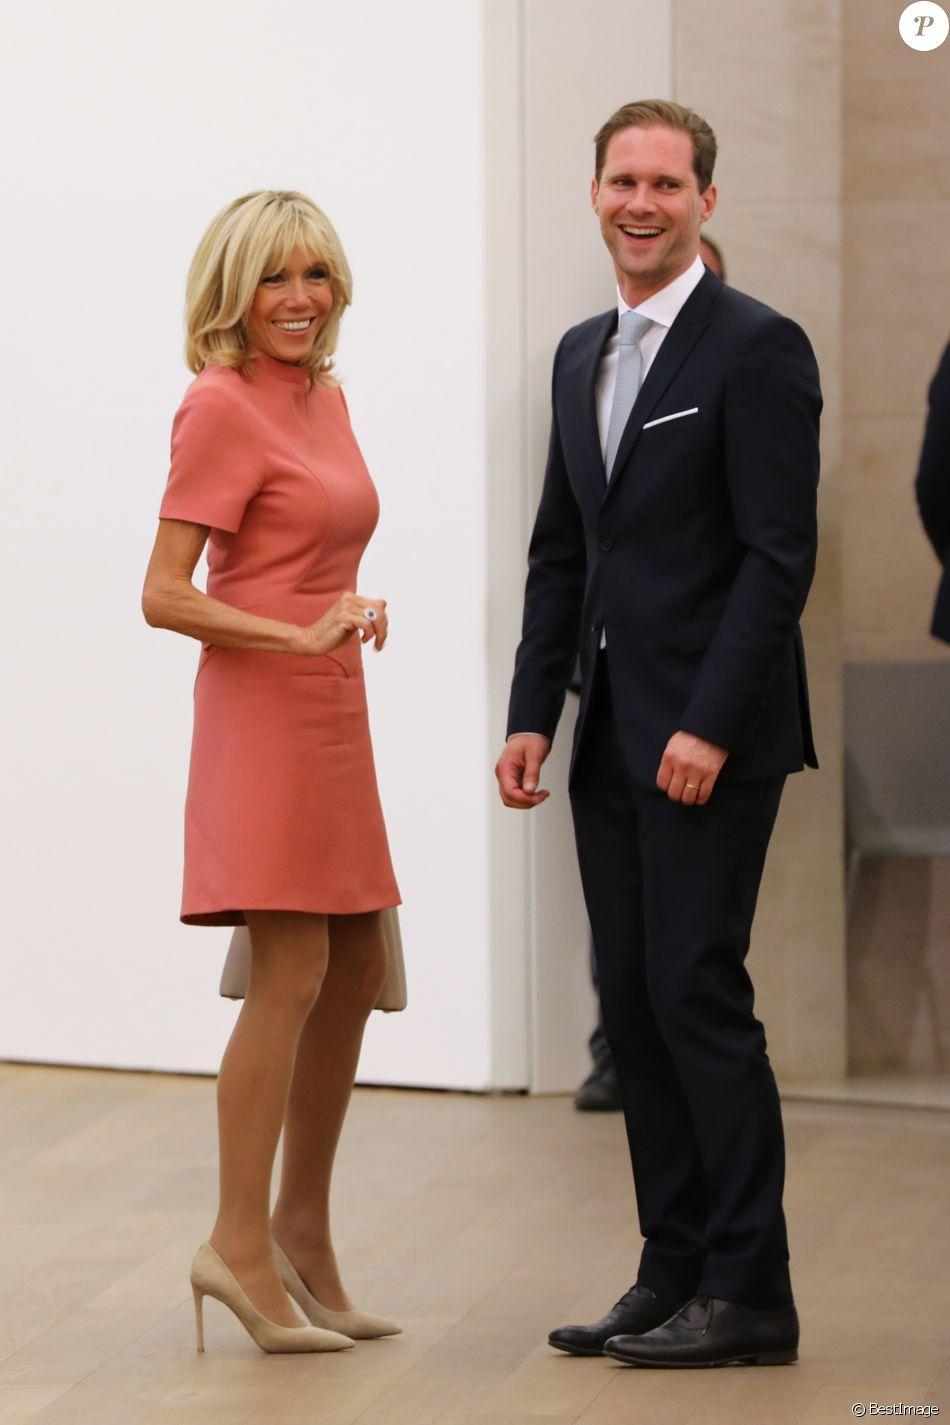 Brigitte Macron et Gauthier Destenay (le mari de Xavier Bettel, premier ministre du Luxembourg) - Visite du musée d'art moderne Grand-Duc Jean (MUDAM) à Luxembourg, le 29 août 2017.